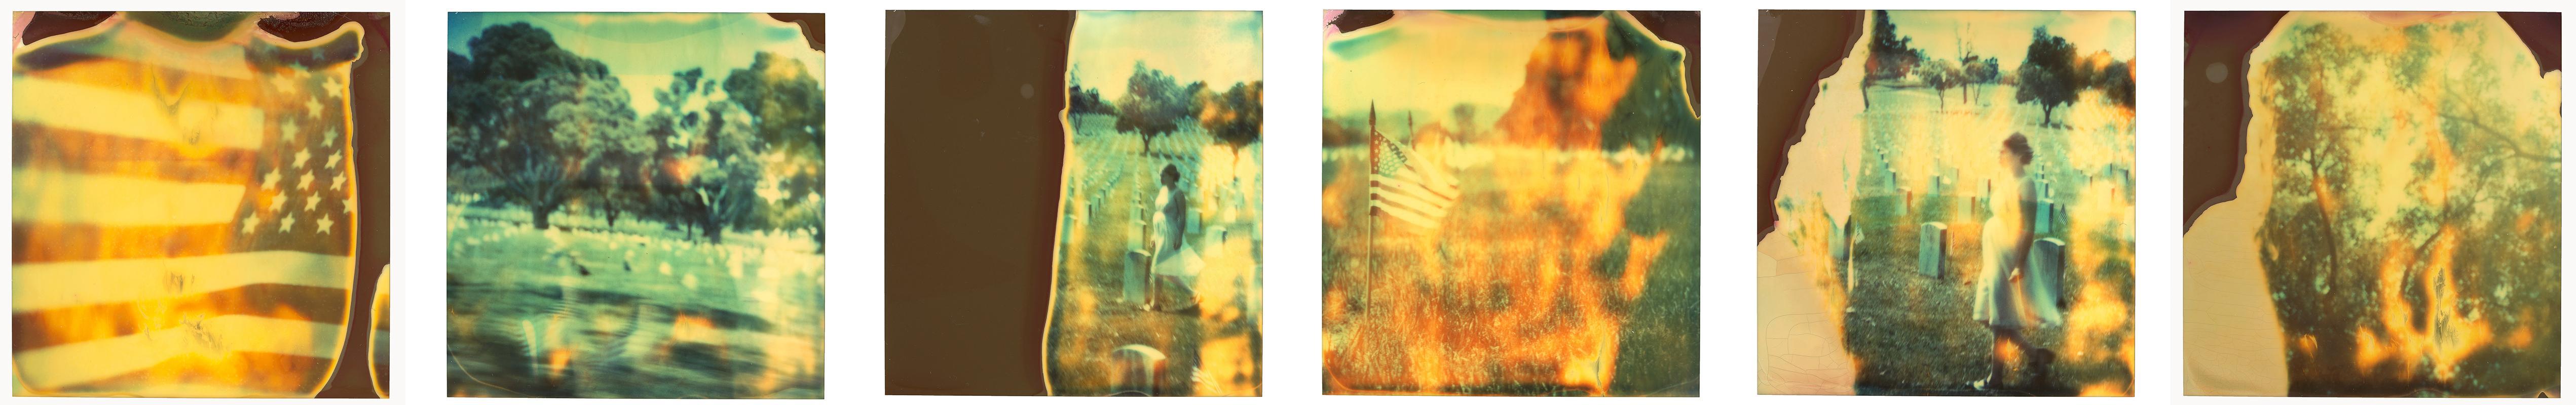 Stefanie Schneider Landscape Photography